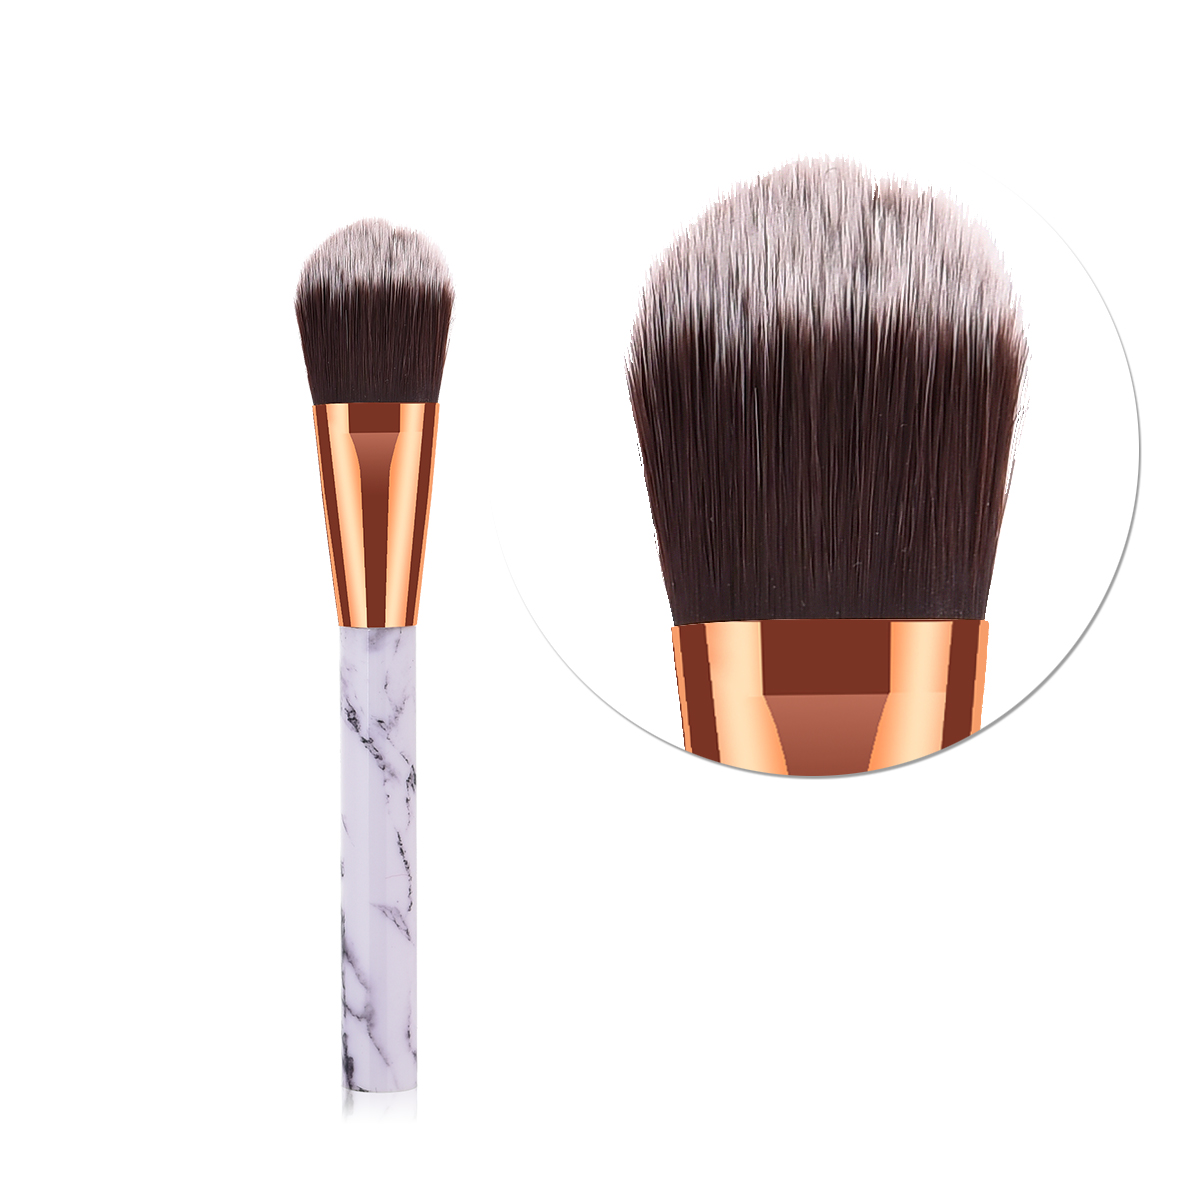 ELECOOL 1 шт. кисти для макияжа Мрамор текстуры ручка с нейлоновой волос подходит Портативный Фонд кисть продаж Горячая составляют инструменты